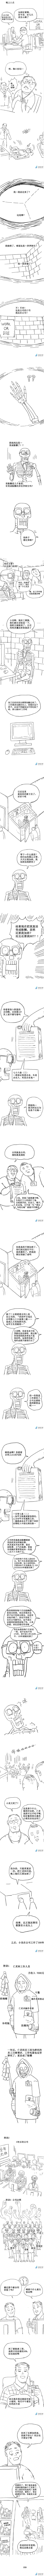 孙渣漫画,简单粗暴,现实又好看-91-『游乐宫』Youlegong.com 第2张